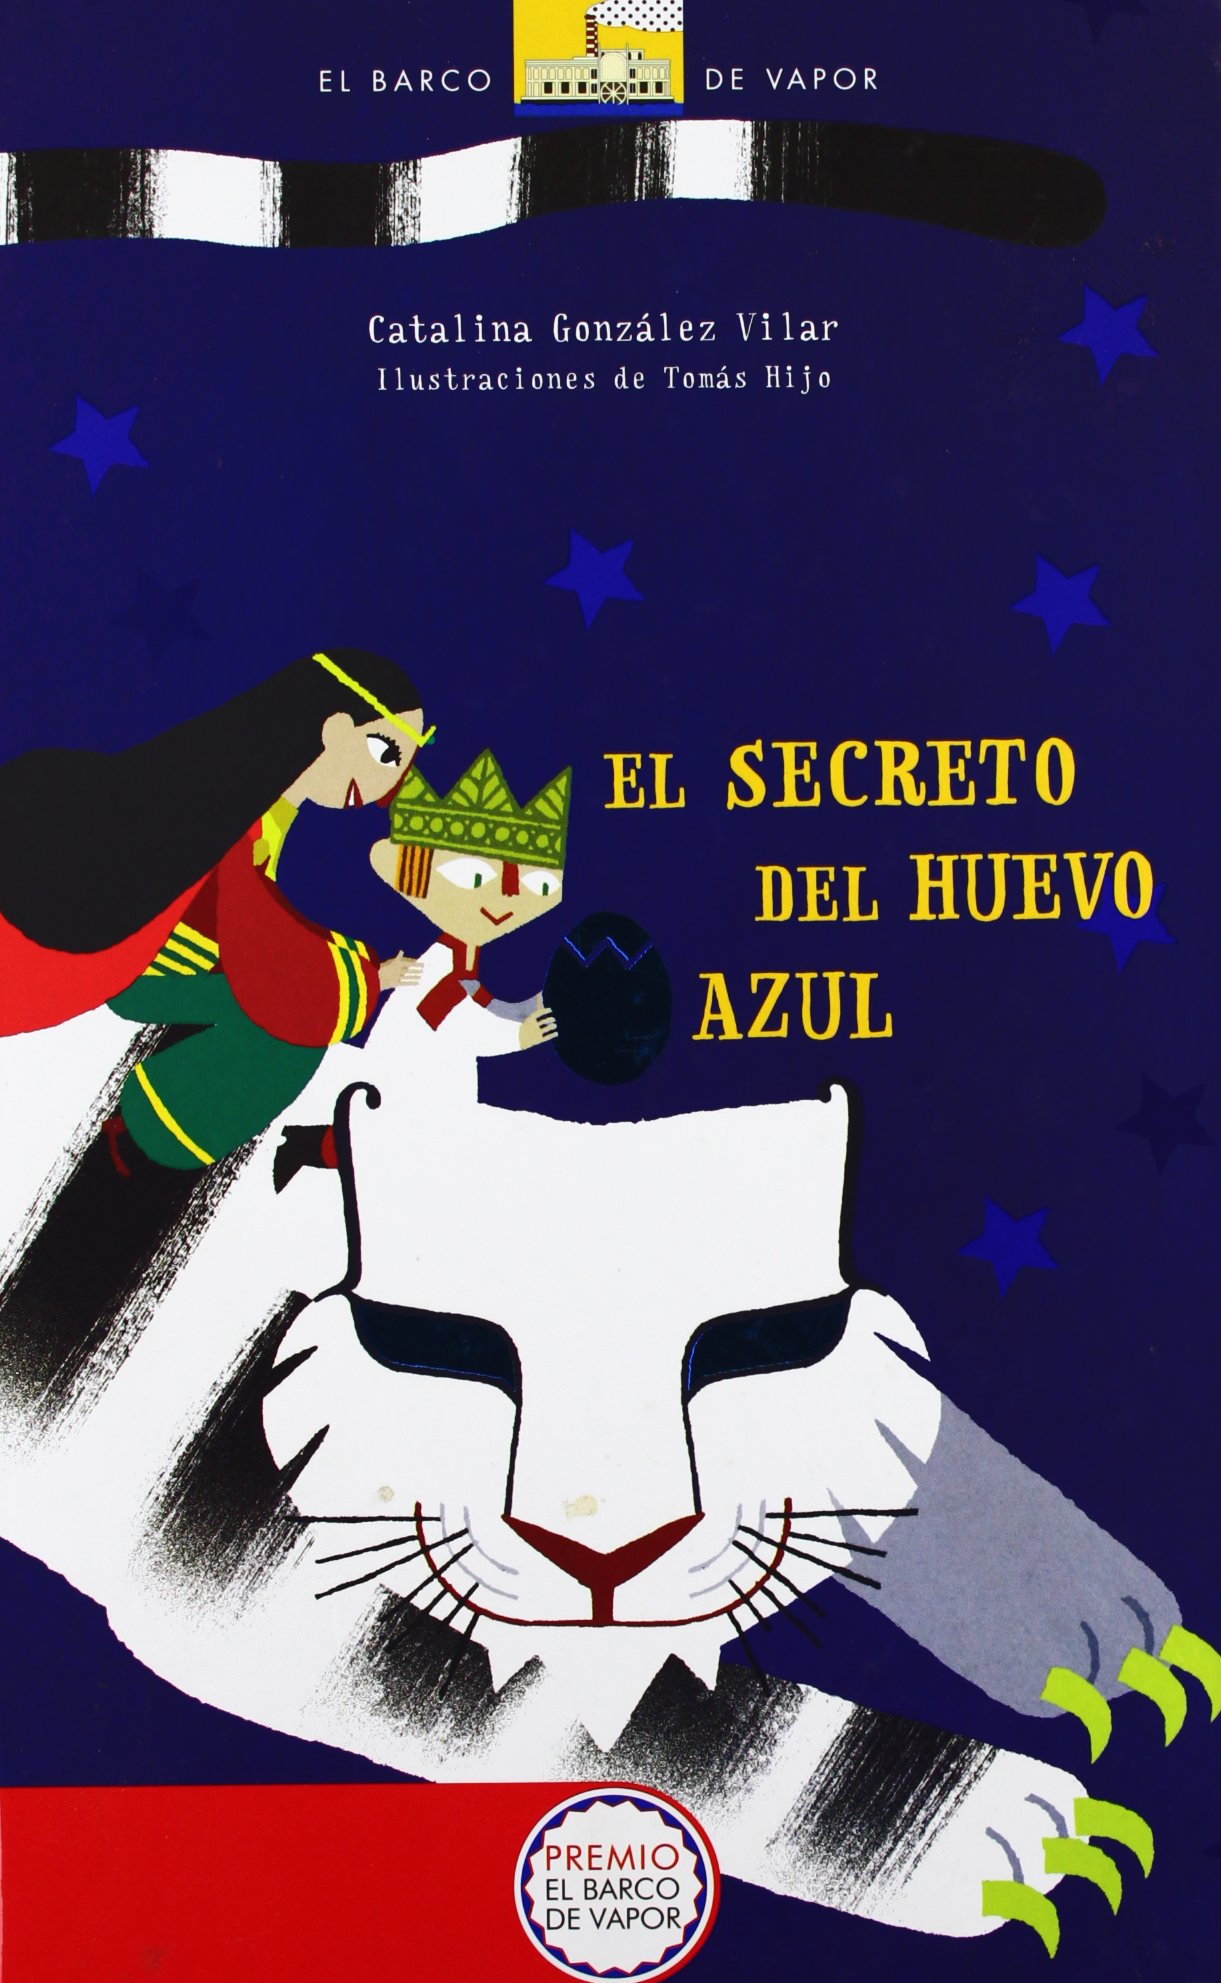 El secreto del huevo azul Cartoné Barco de Vapor Naranja: Amazon.es: Catalina González Vilar, Tomás Hijo: Libros